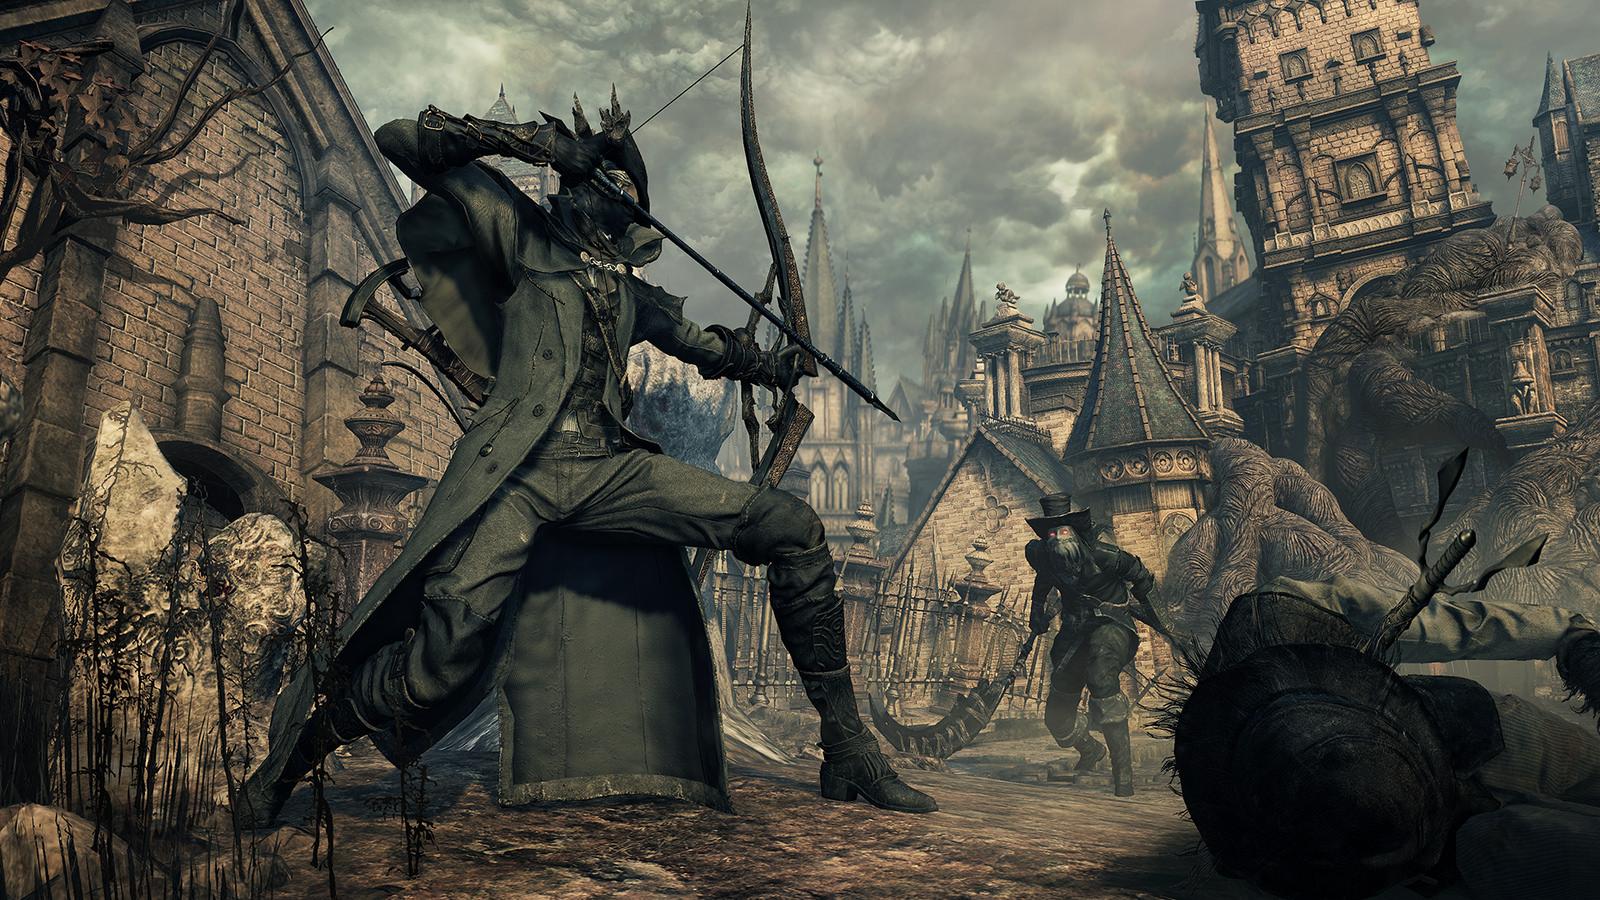 Tema o sangue antigo: DLC The Old Hunters chega a Bloodborne em novembro